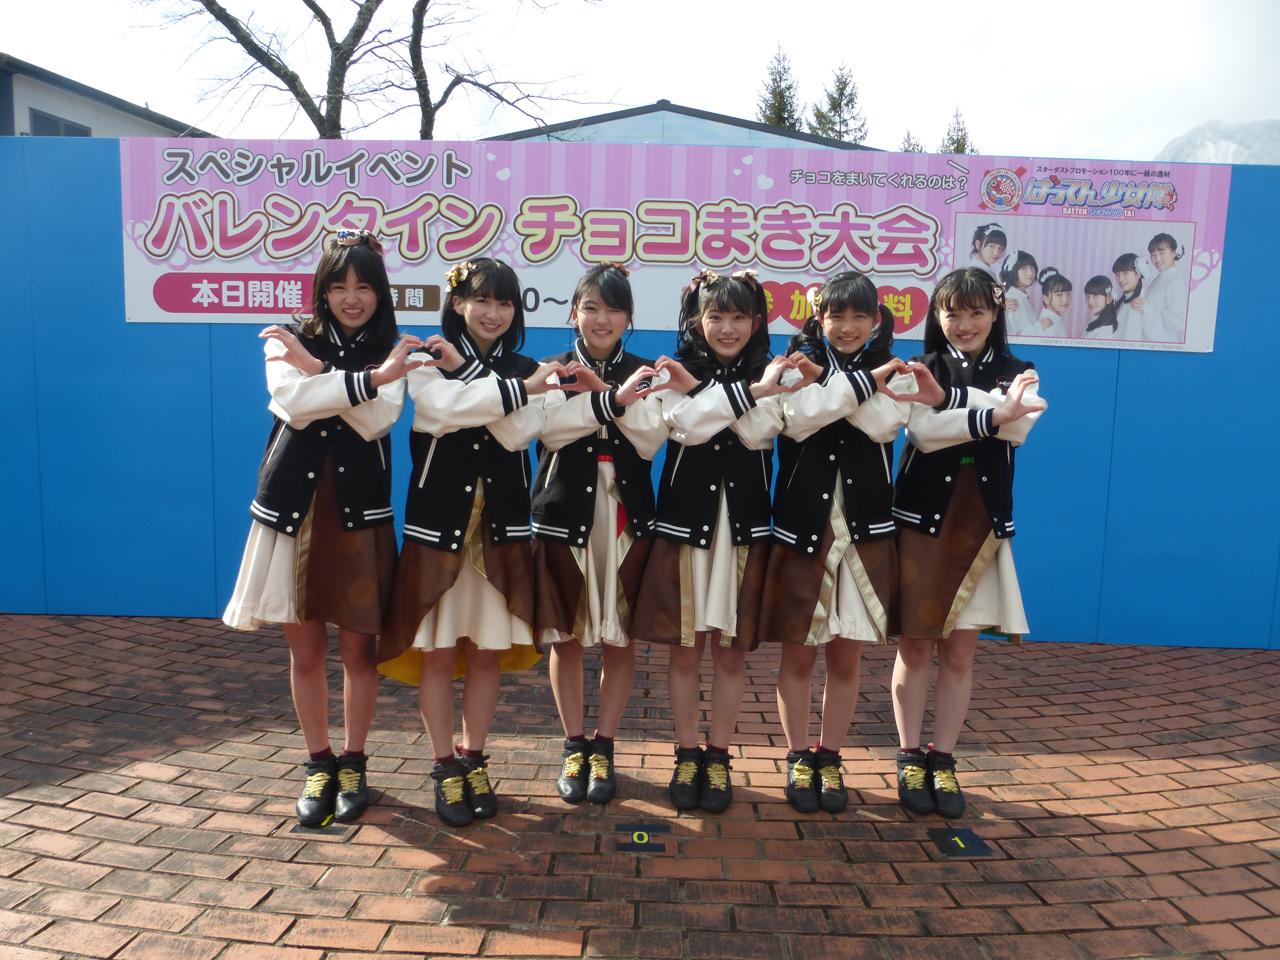 連載28回目は2月に大分・城島高原パークにて行われたちょこまき大会から。(ばってん少女隊)